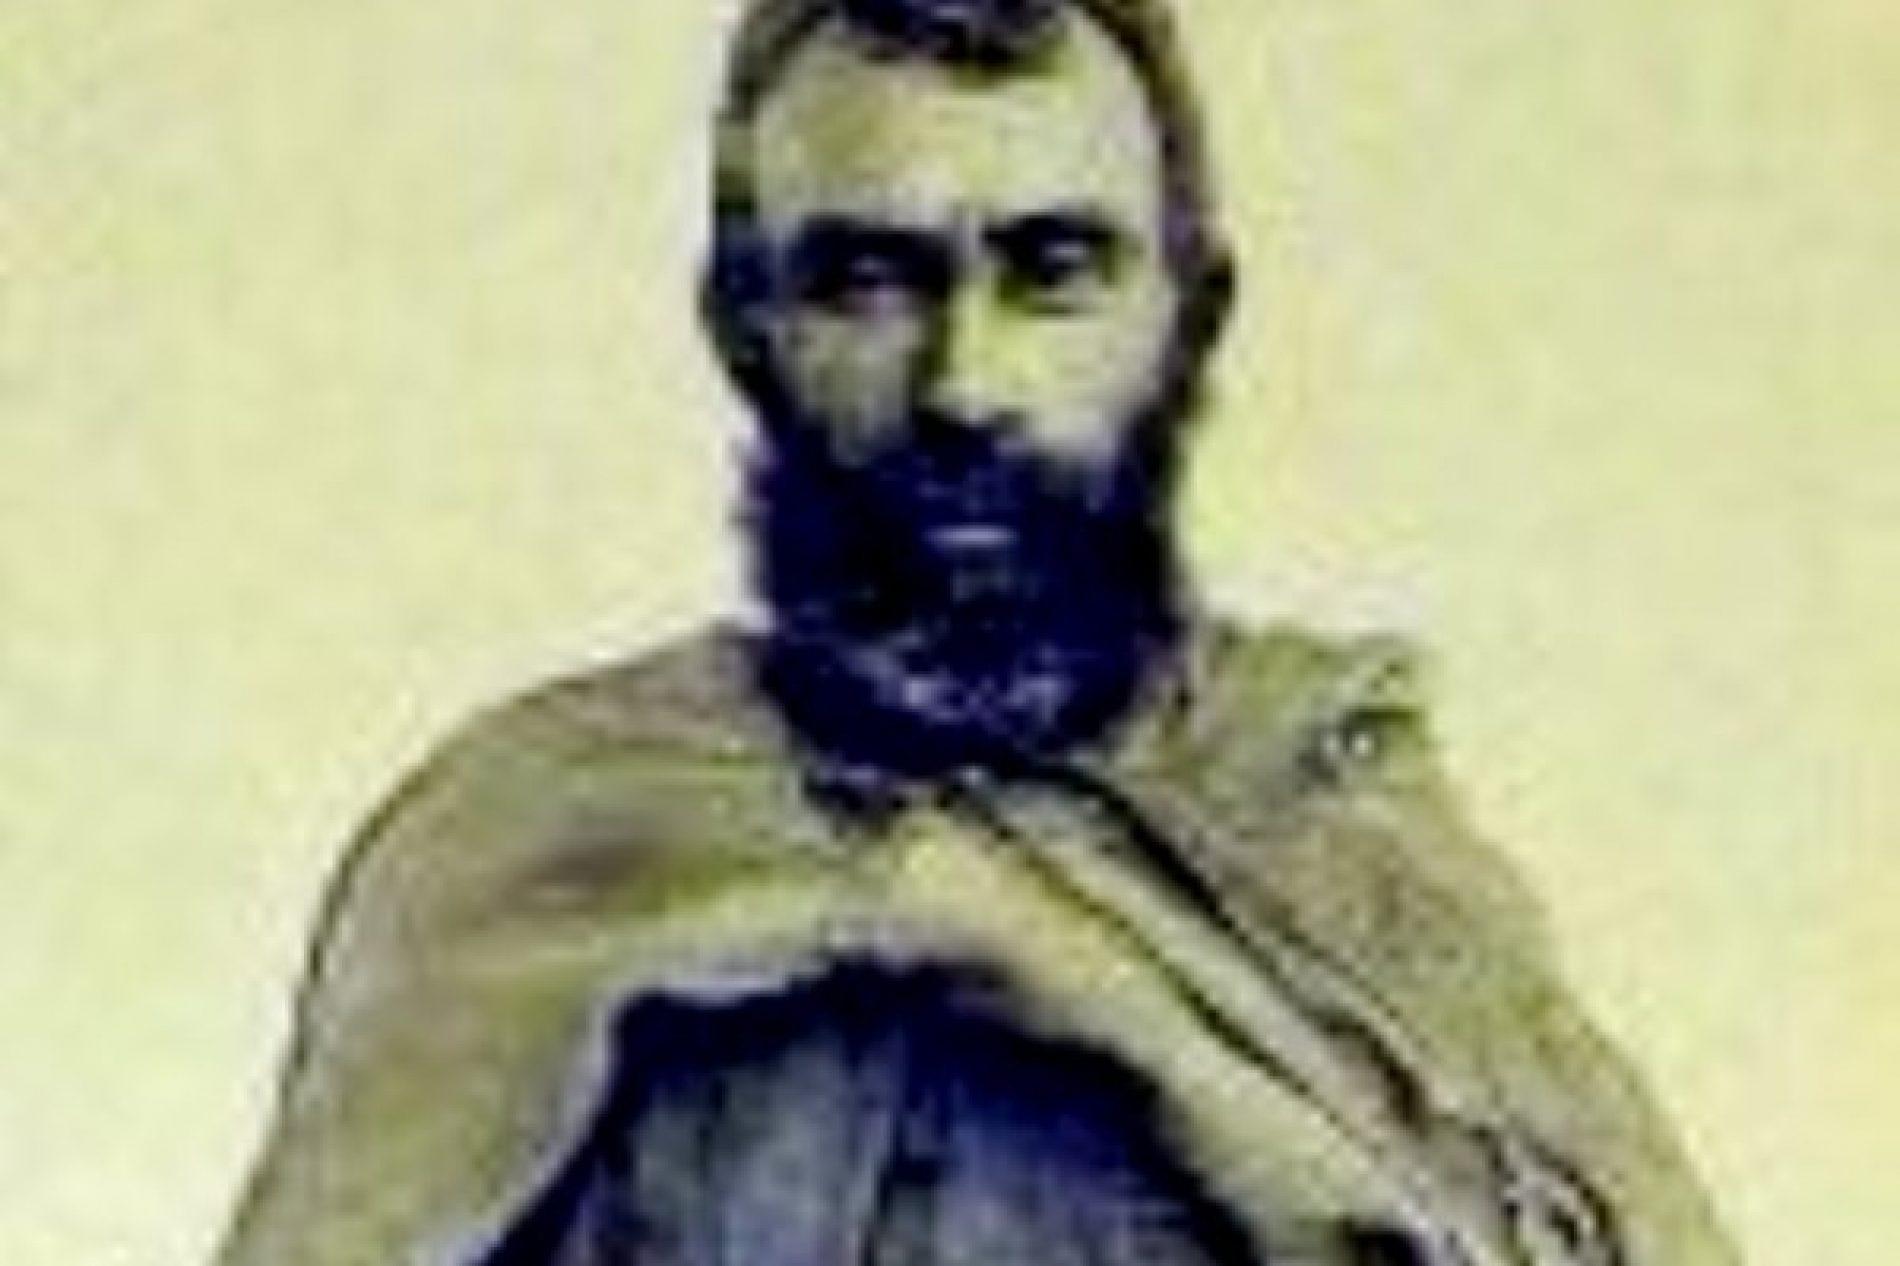 Arezki u Lbachir – Un bandit d'honneur